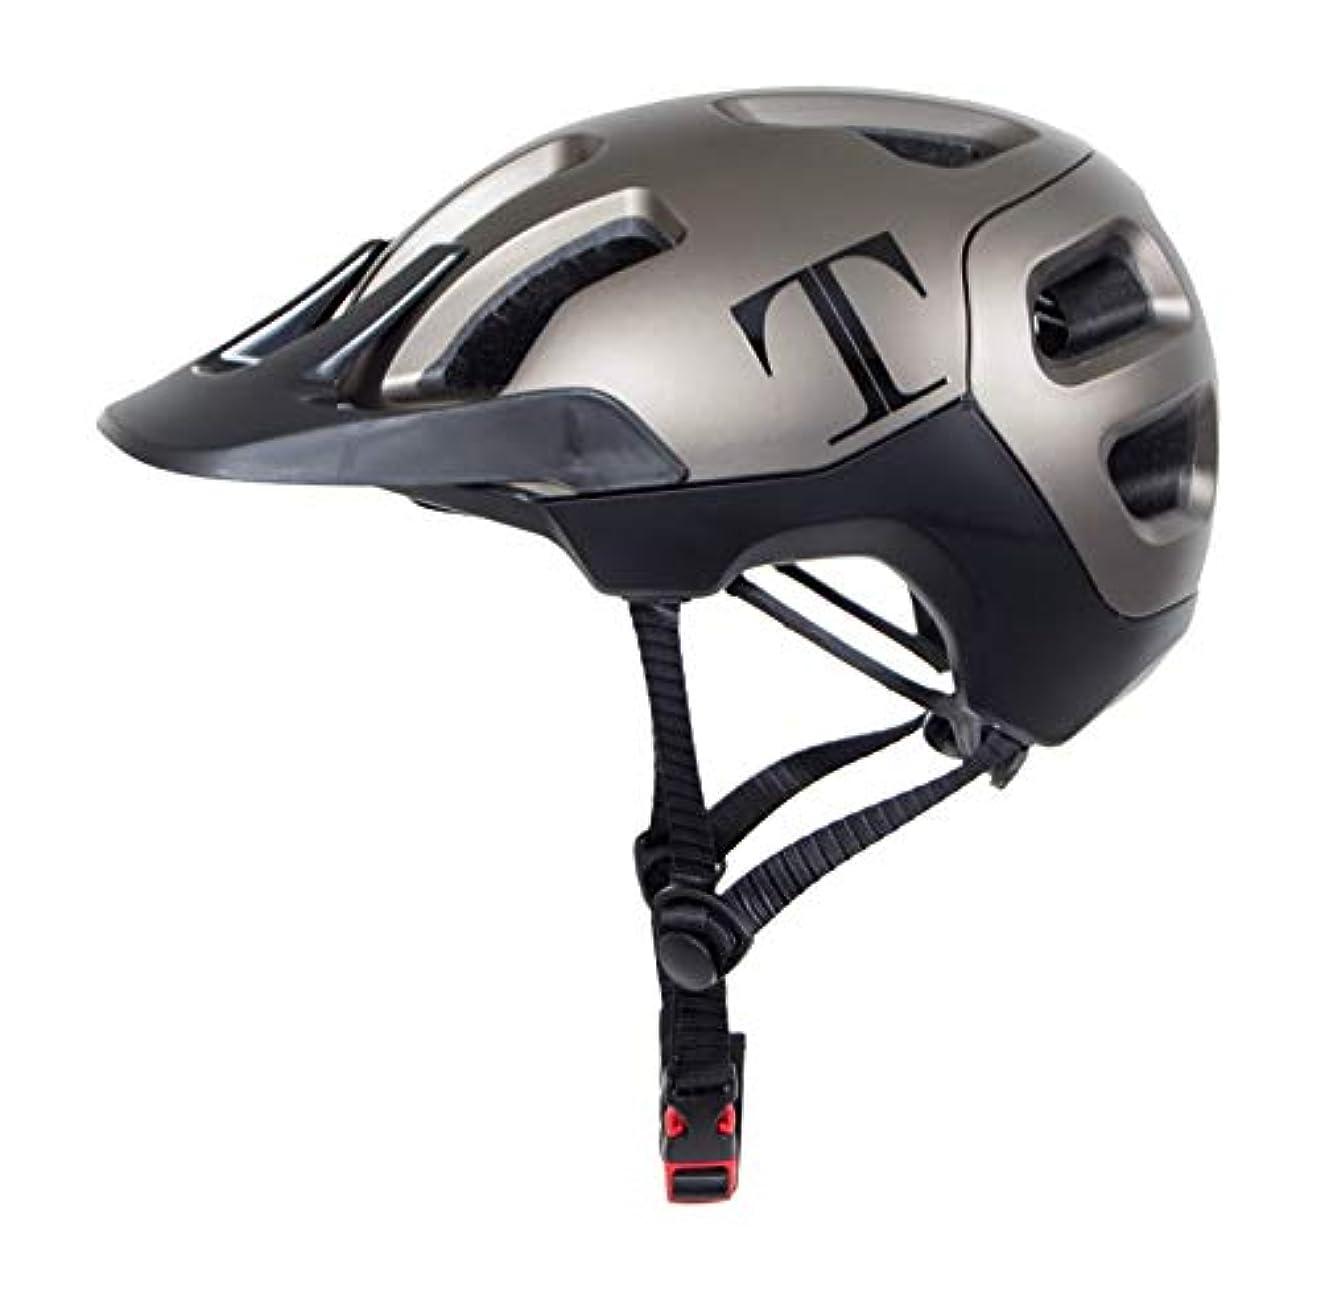 訪問霧残り物Tommaso Enduro MTBおよびロードサイクリングヘルメットリムーバブルバイザー、調節可能フィット、4色マットブラック、ホワイト、チタン、イエロー、完全認定安全保護 - チタン